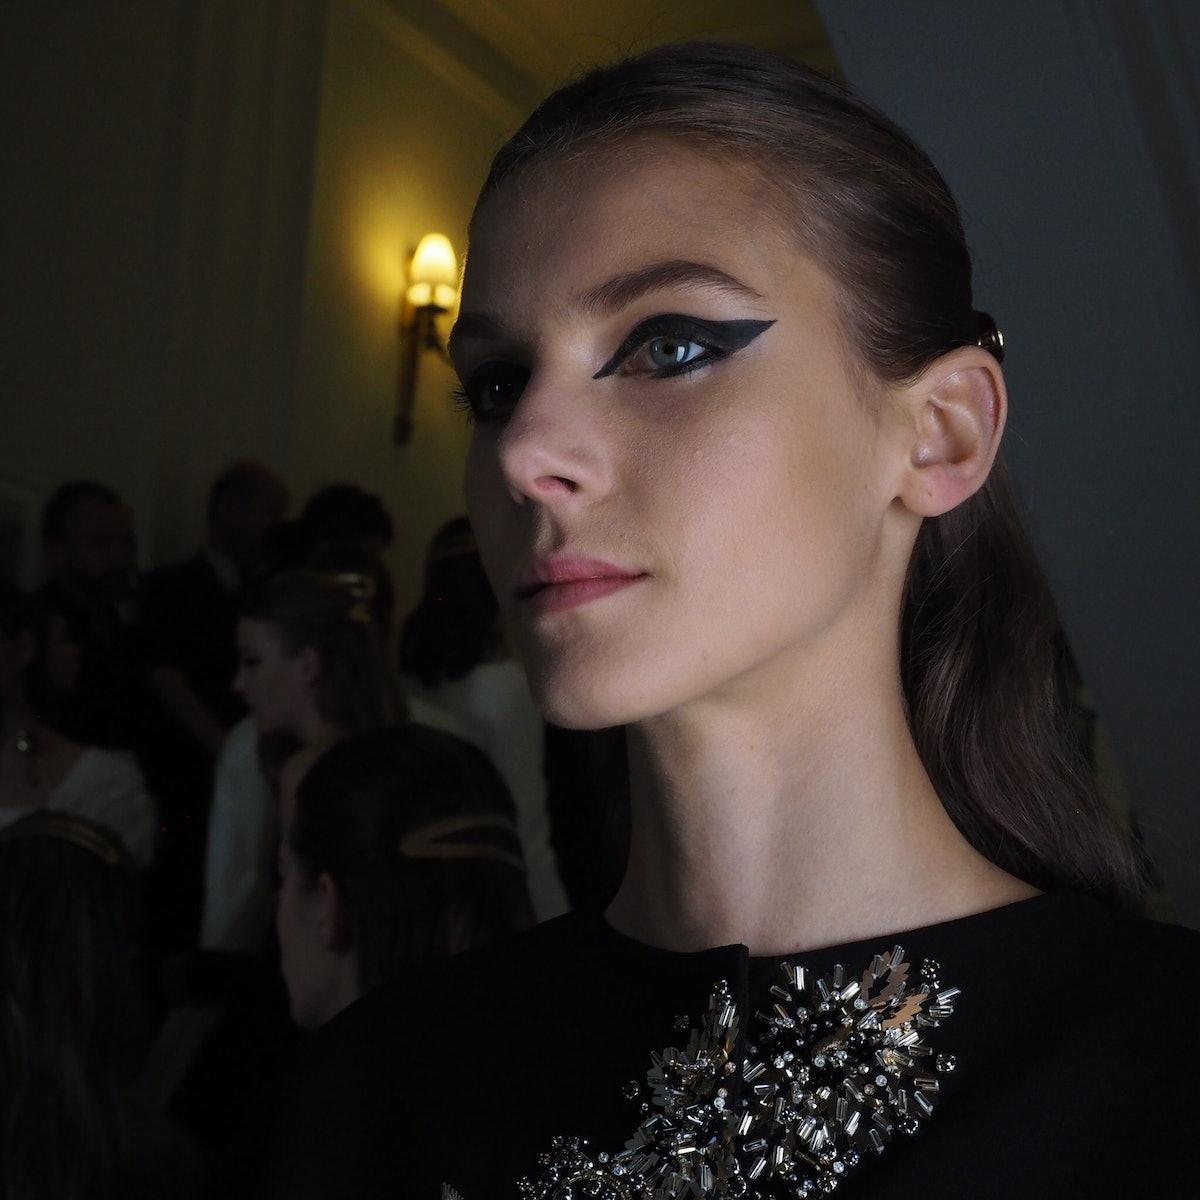 Christian Dior Haute Couture Fashion Week Fall 2017